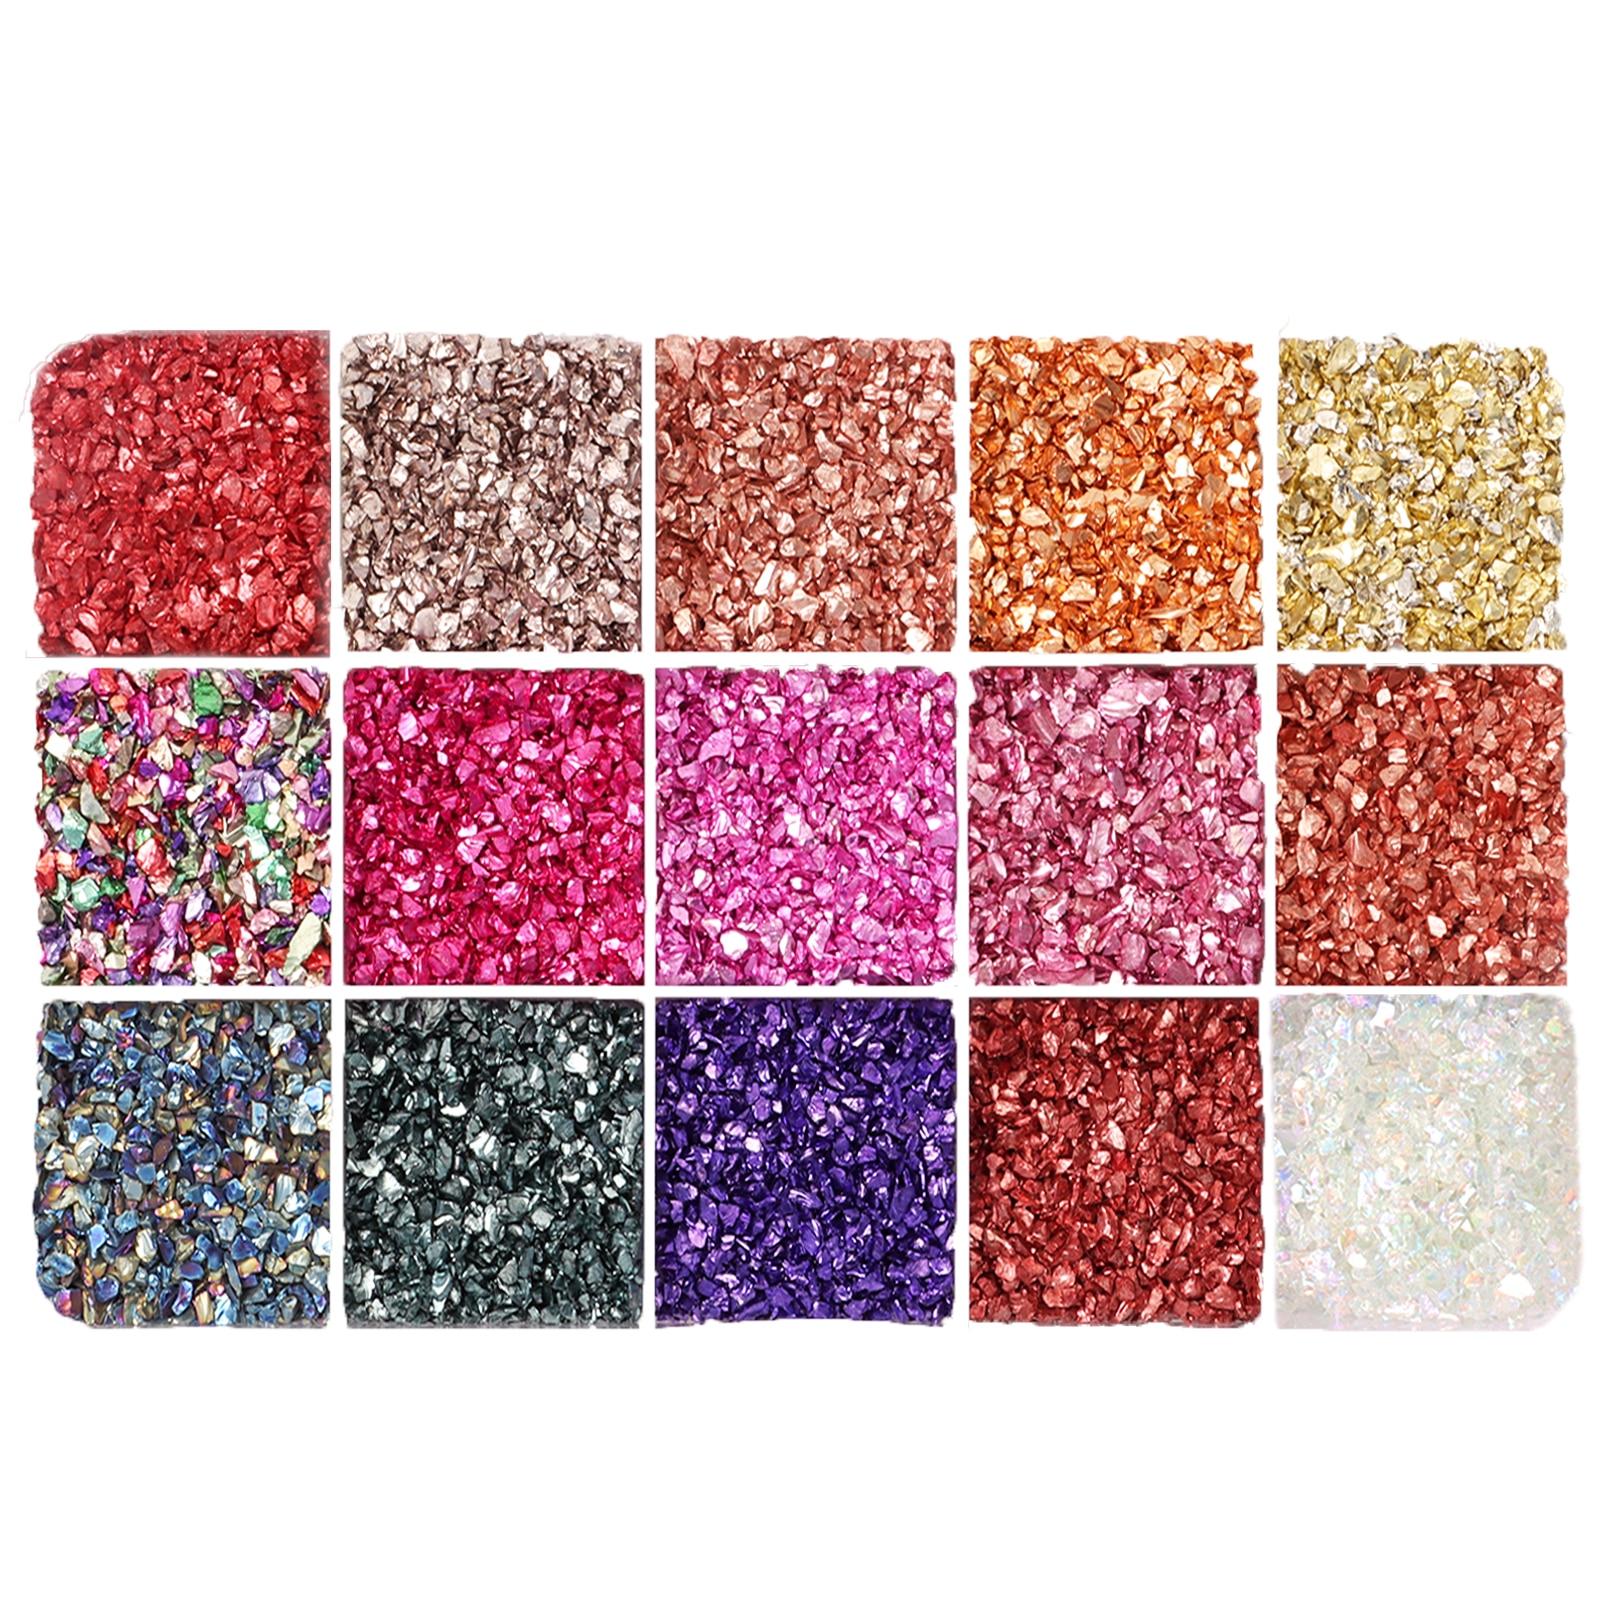 Разноцветный смешивающий щебень для ногтей, искусственный кристалл для рукоделия, блеск для самостоятельного изготовления эпоксидной смо...